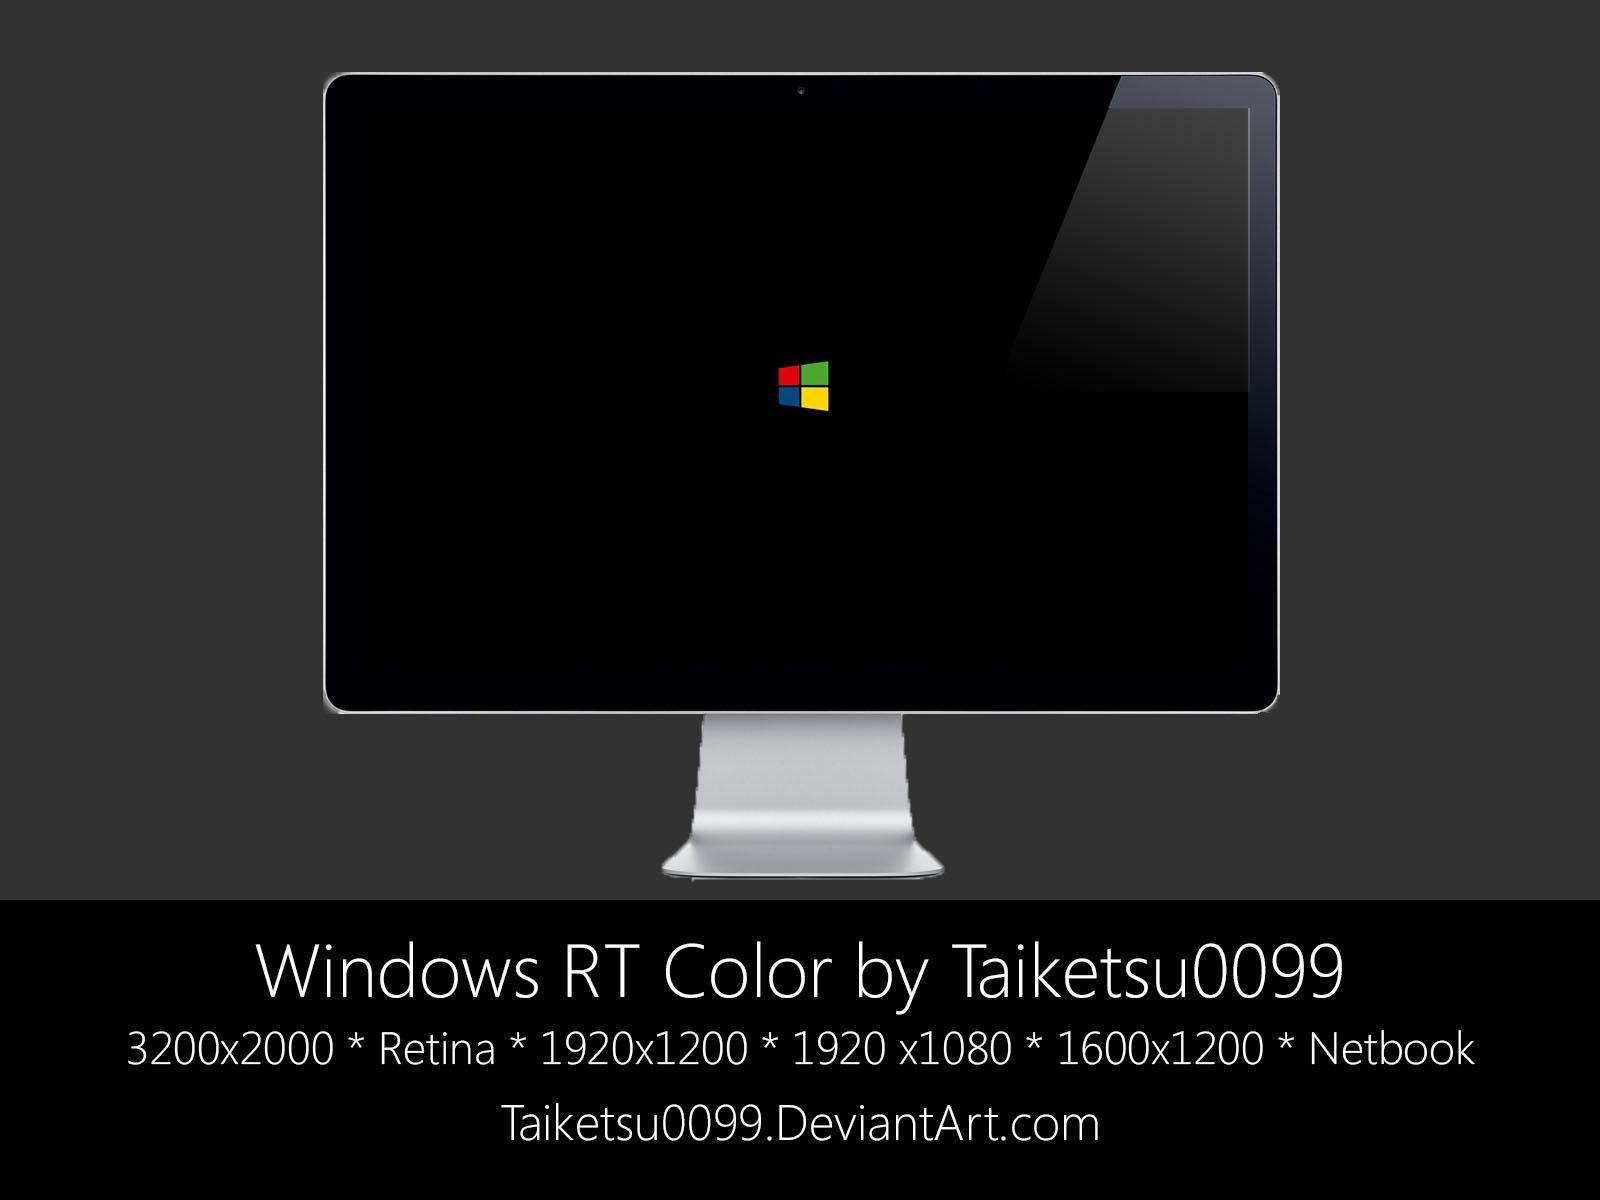 Windows RT Color by Taiketsu0099 by Taiketsu0099